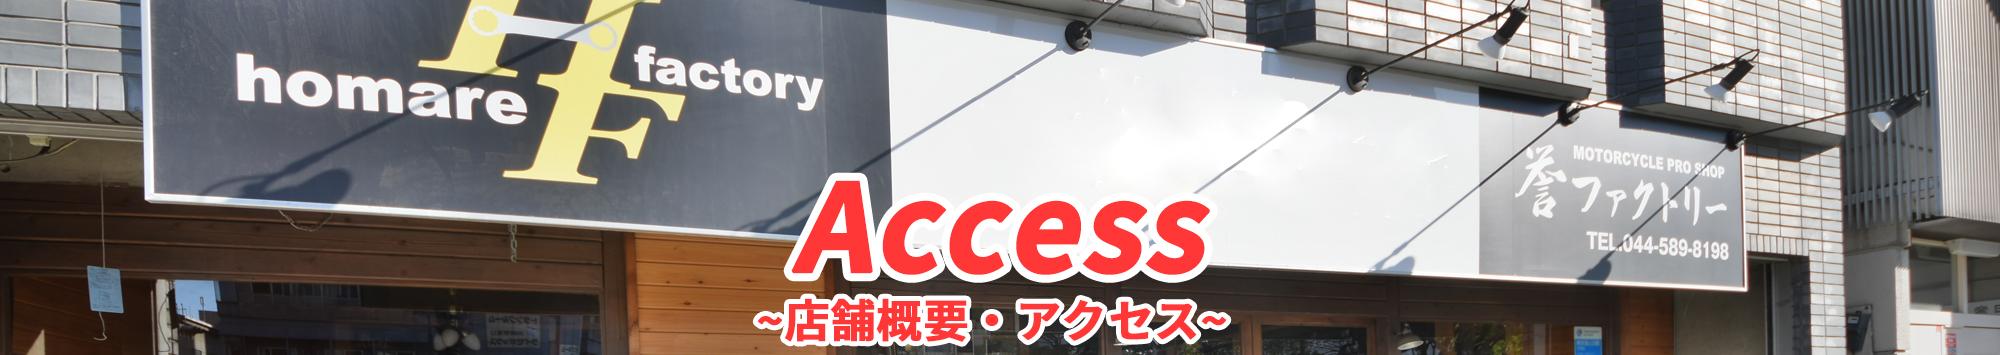 店舗概要・アクセス